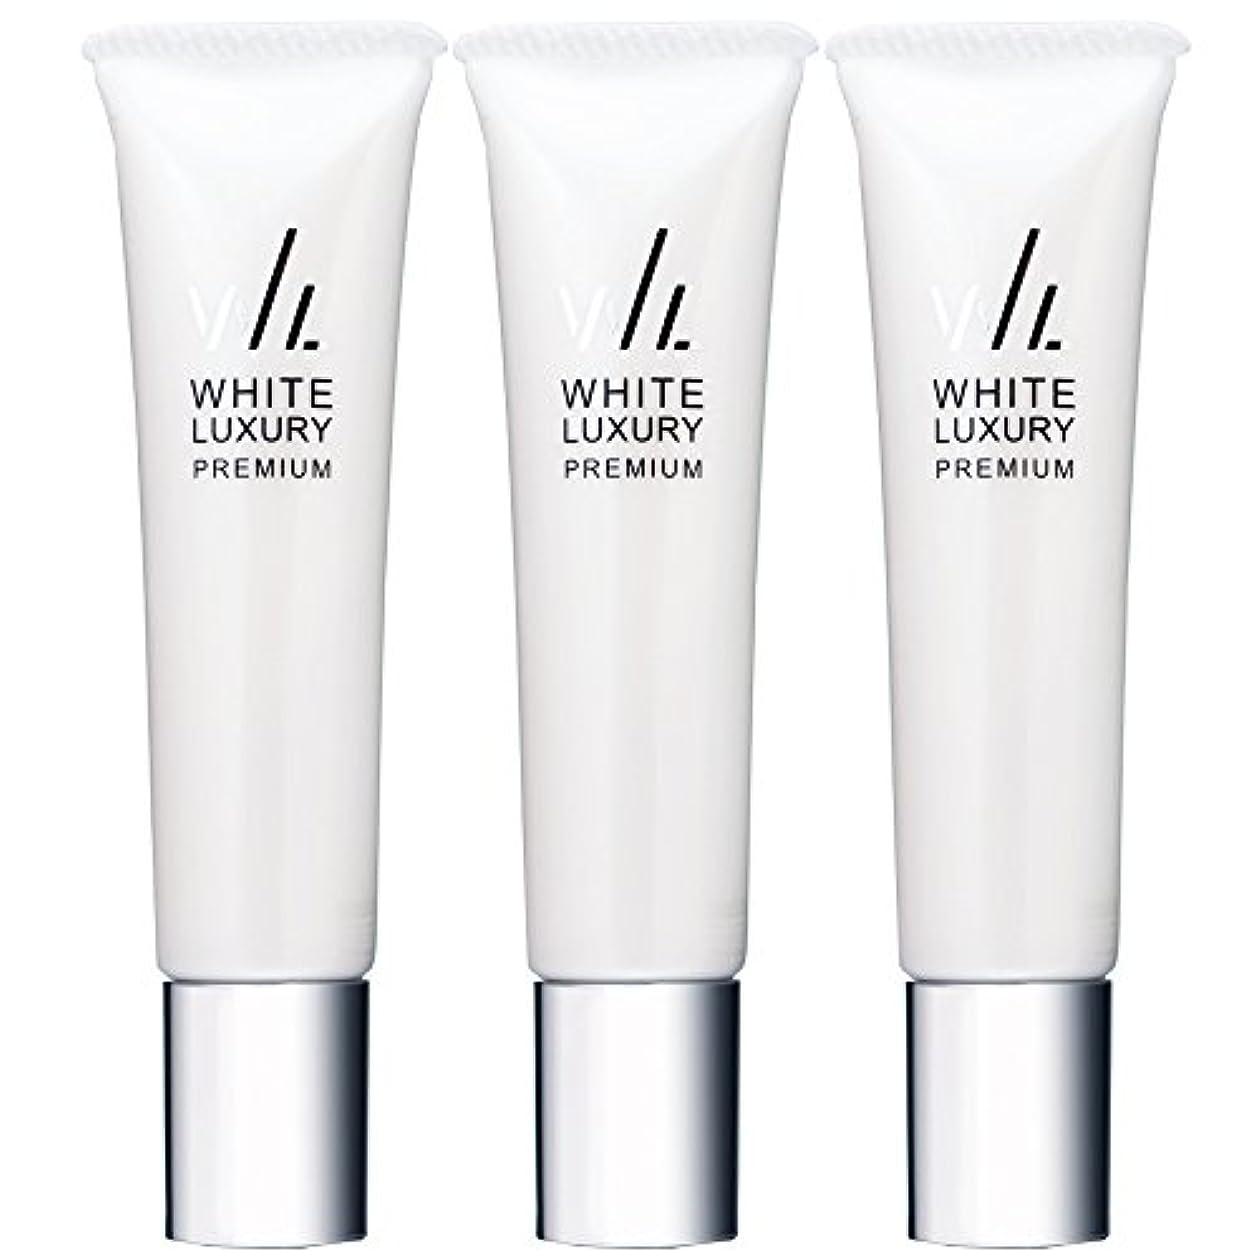 マングル聖域評議会ホワイトラグジュアリープレミアム WHITE LUXURY PREMIUM 1ヶ月分(25g) (3ヶ月分(75g))